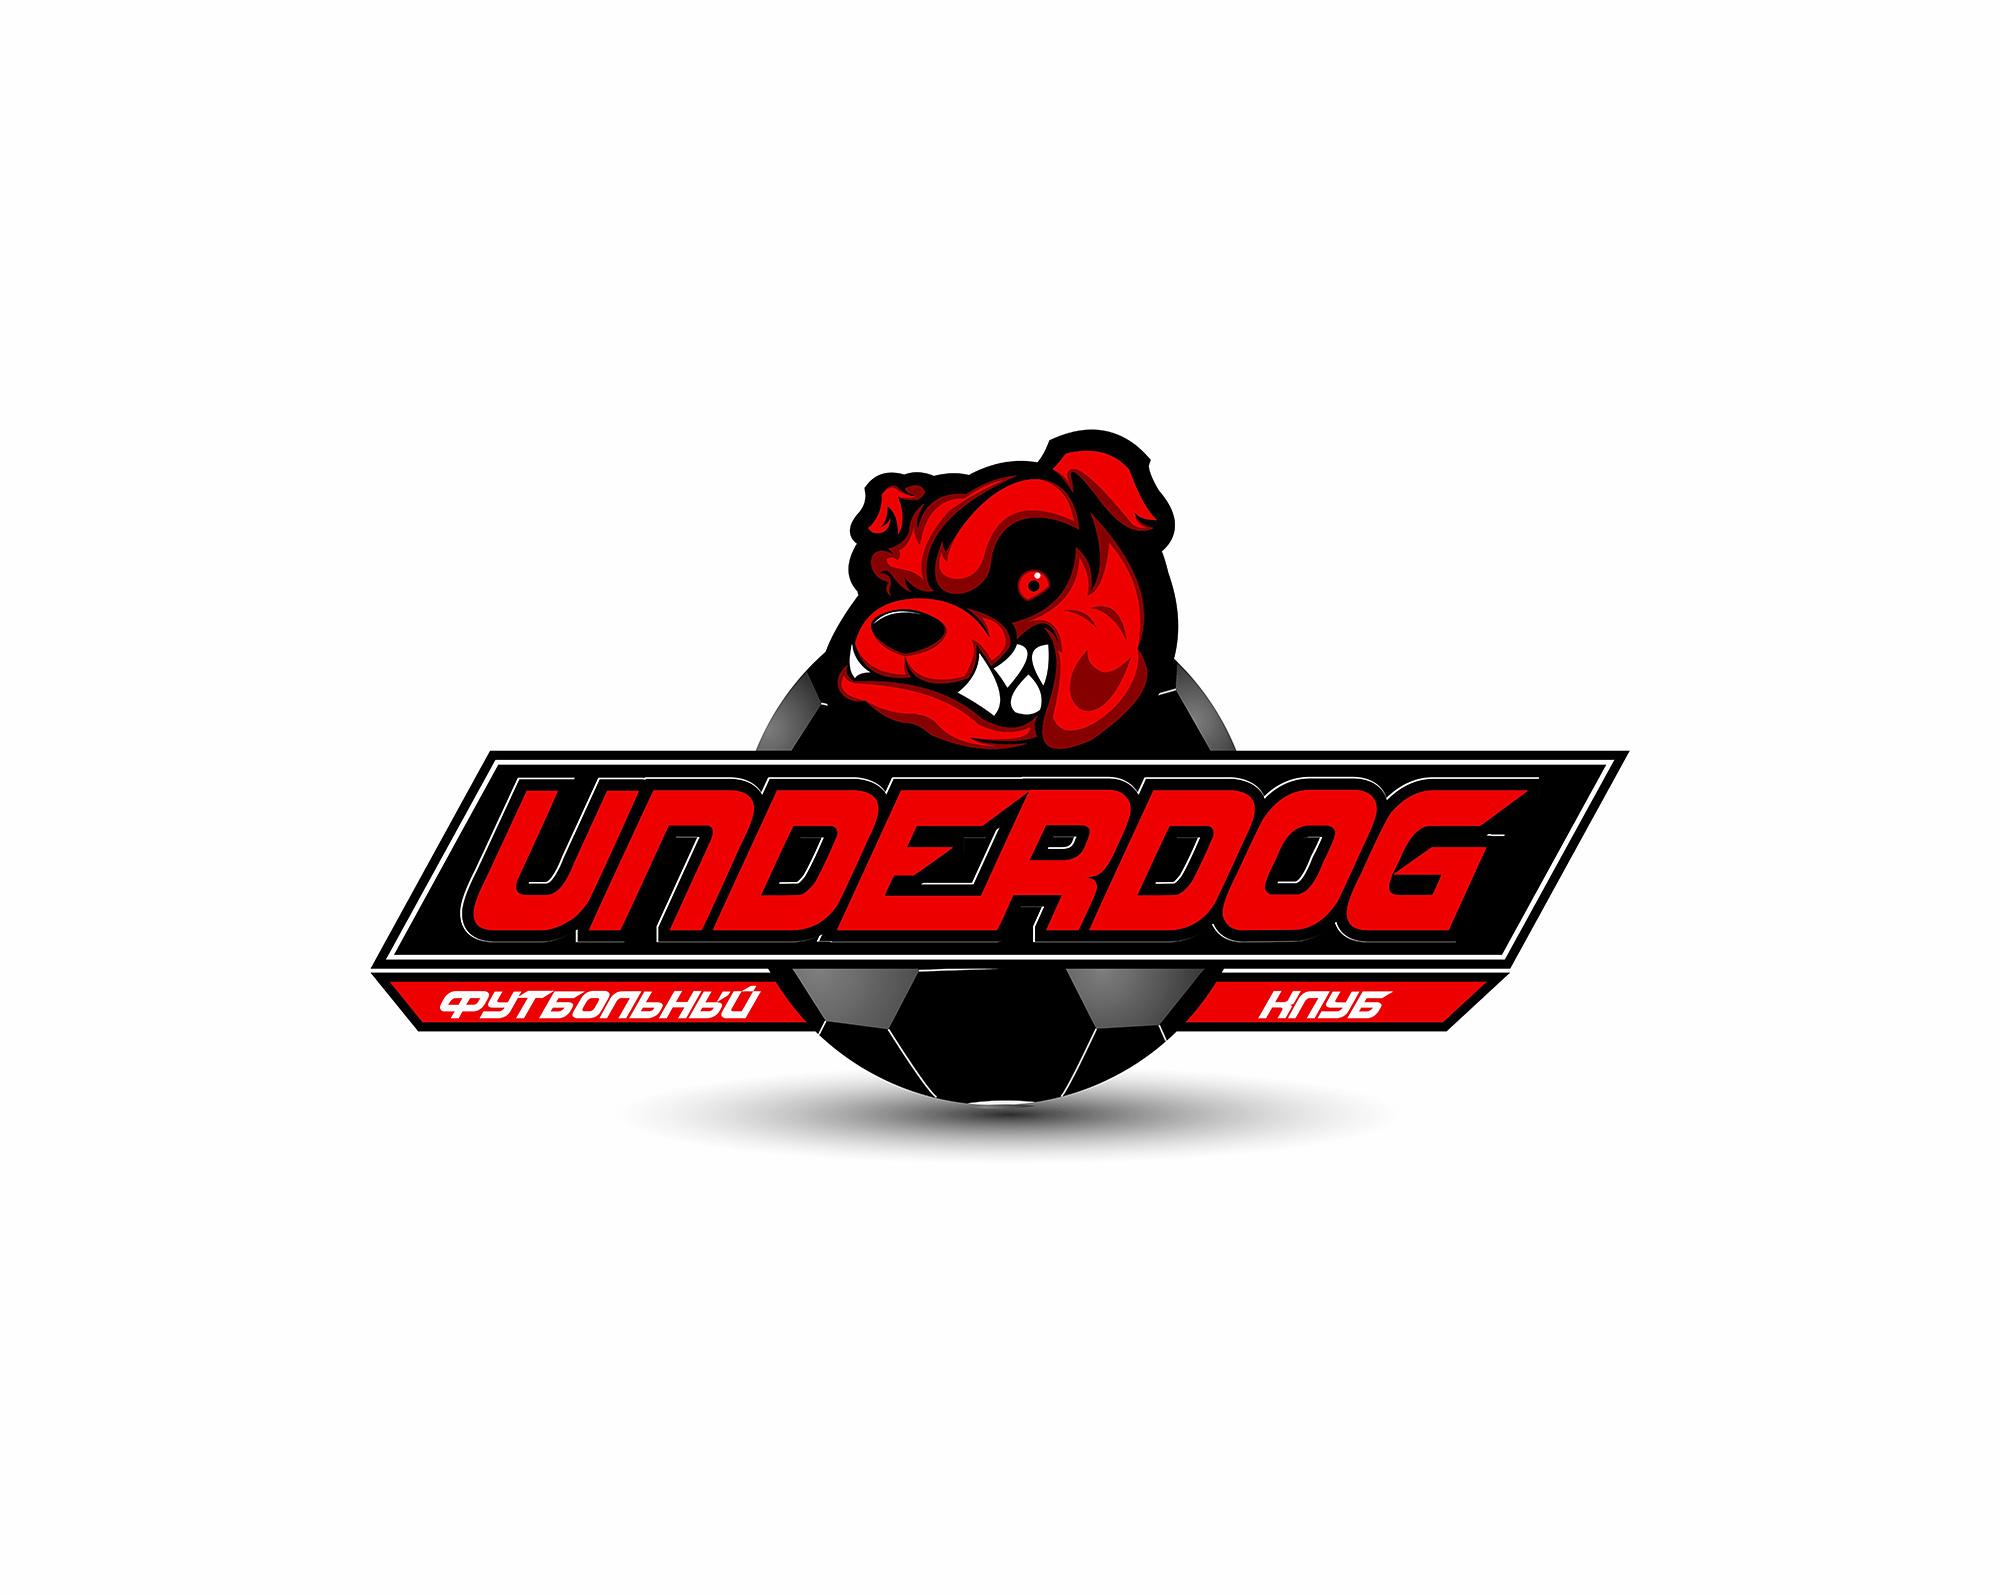 Футбольный клуб UNDERDOG - разработать фирстиль и бренд-бук фото f_5285cb07364855dd.jpg